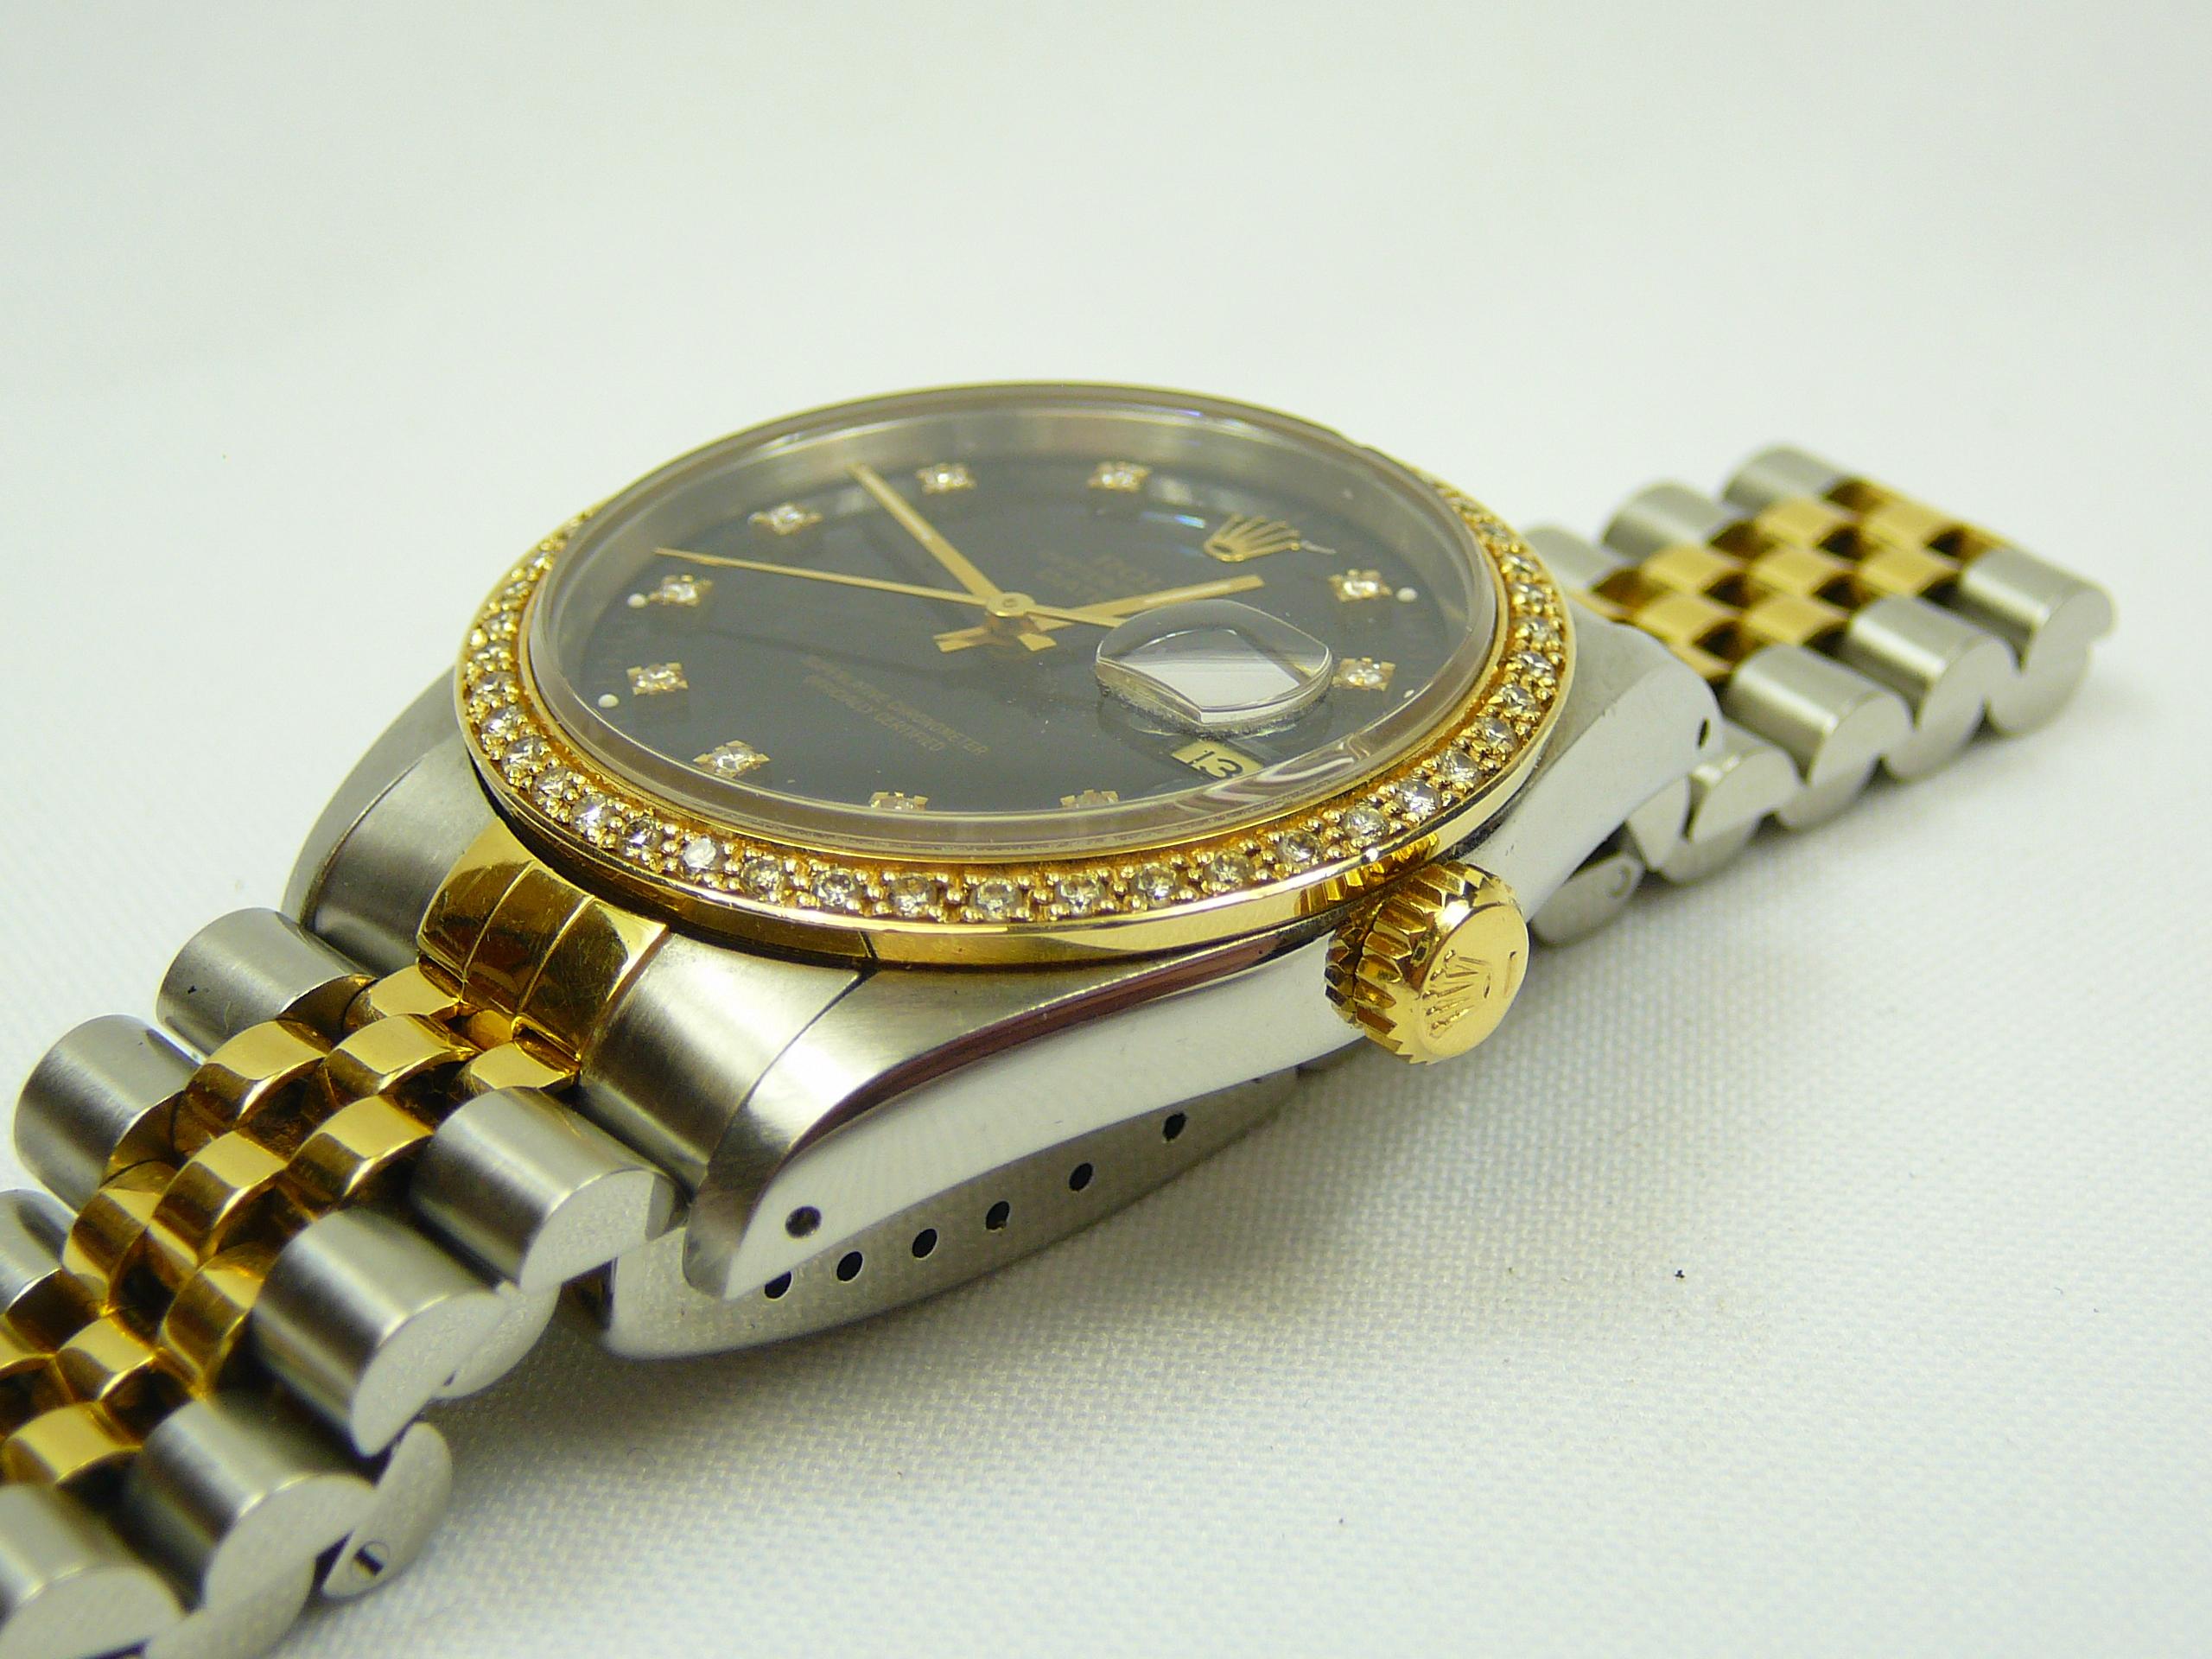 Gents Rolex Wrist Watch - Image 4 of 7